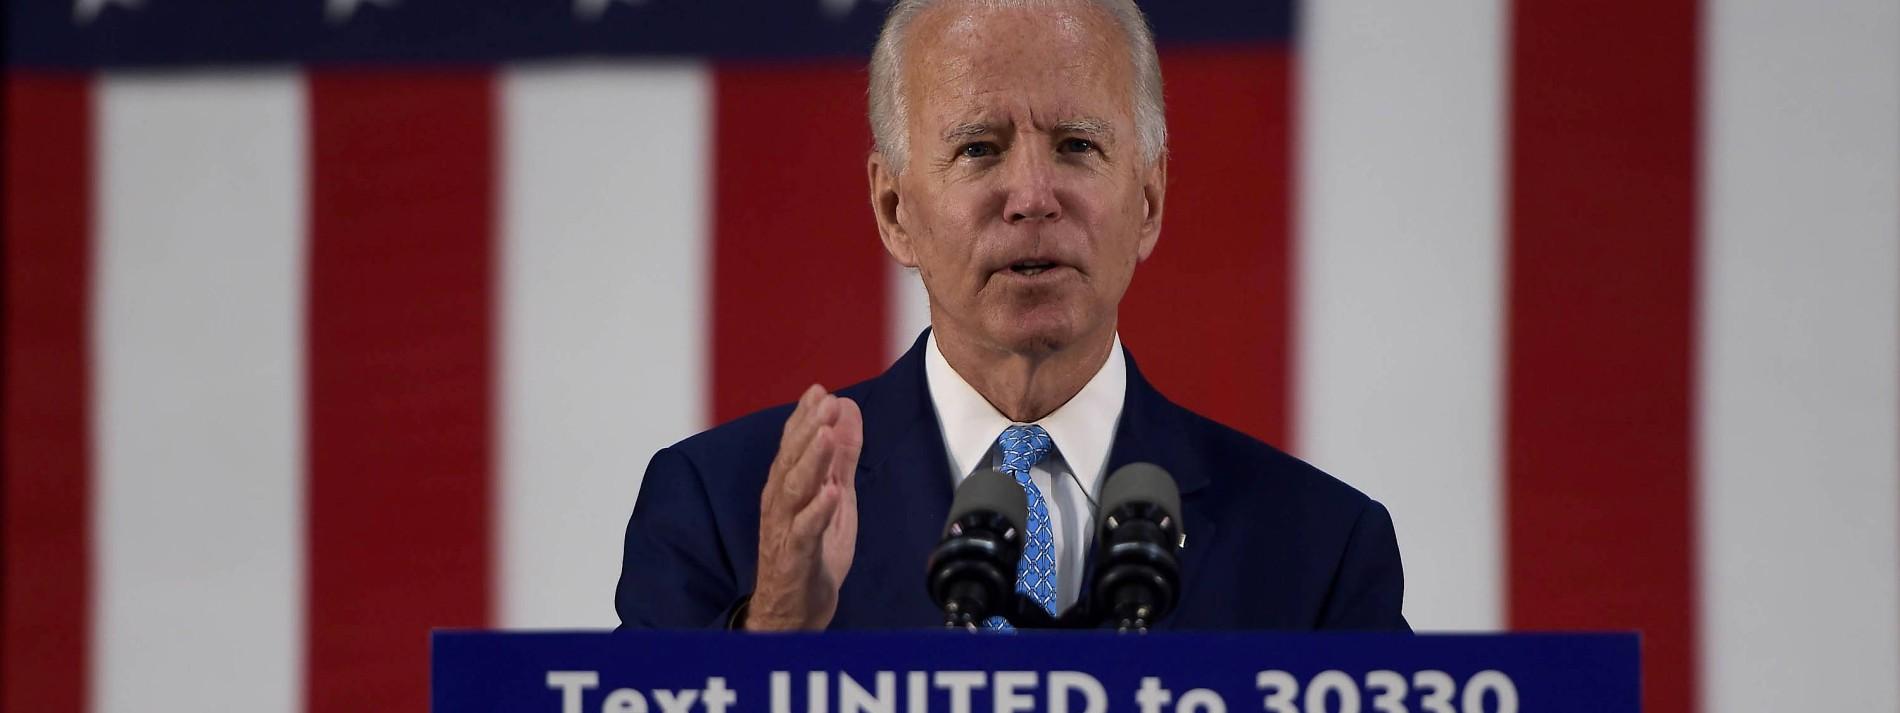 Biden reist nicht zum Nominierungsparteitag in Milwaukee